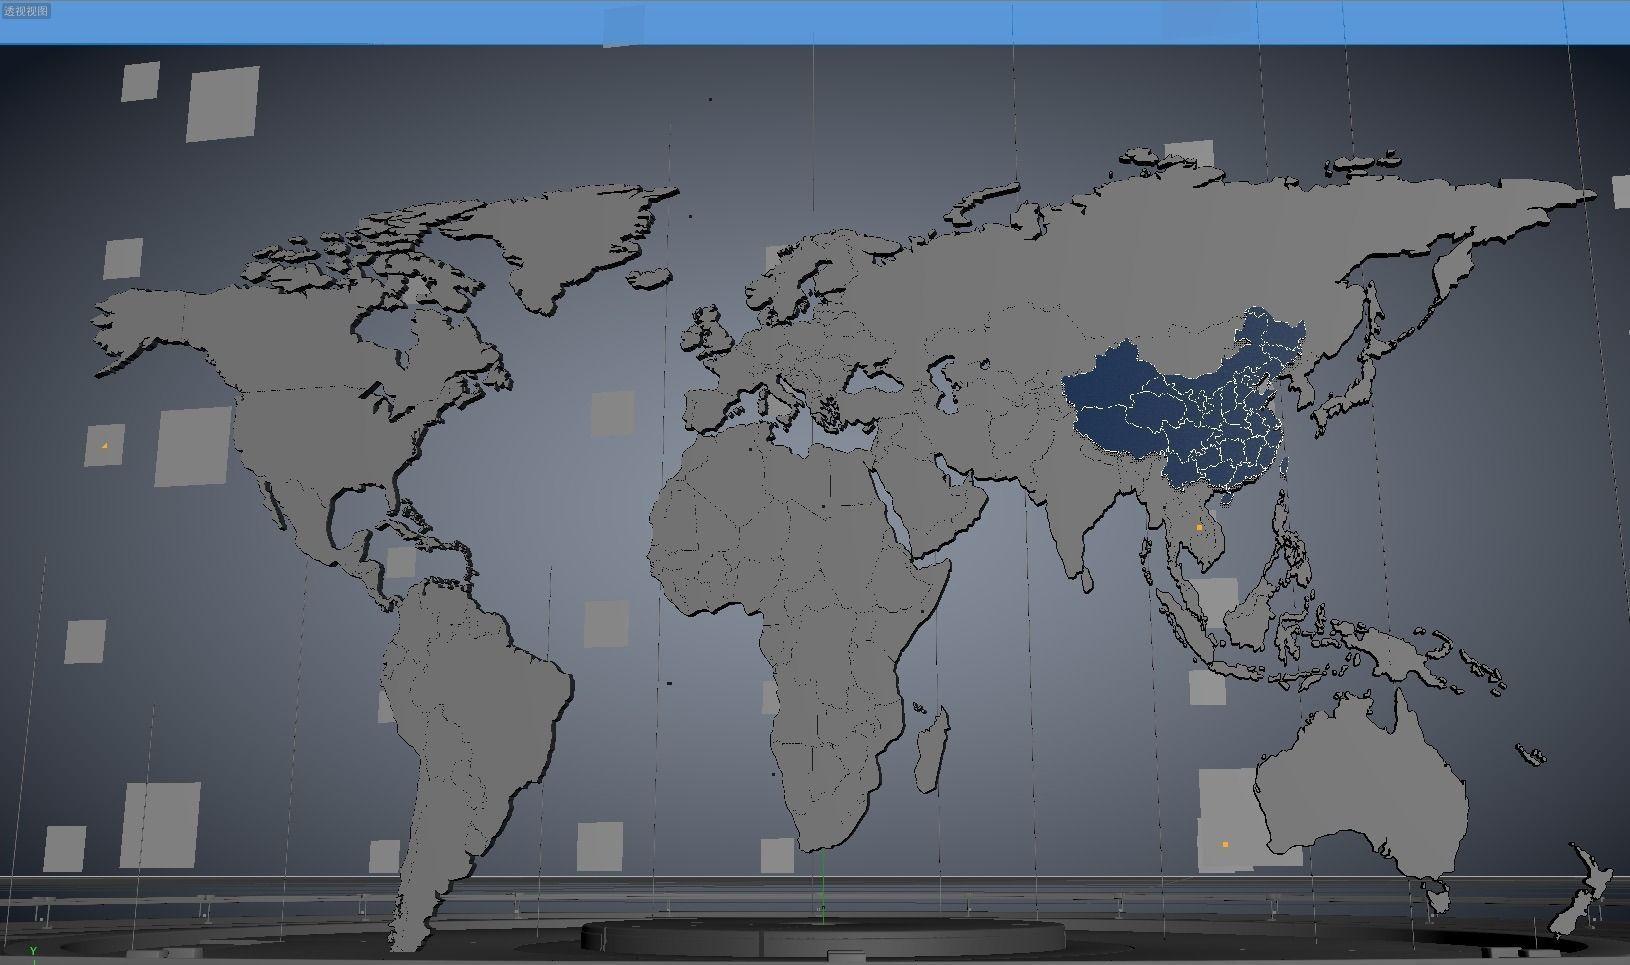 Globe 3d model cinema 4d el tiempo entre costuras serie online globe 3d model cinema 4d gumiabroncs Choice Image